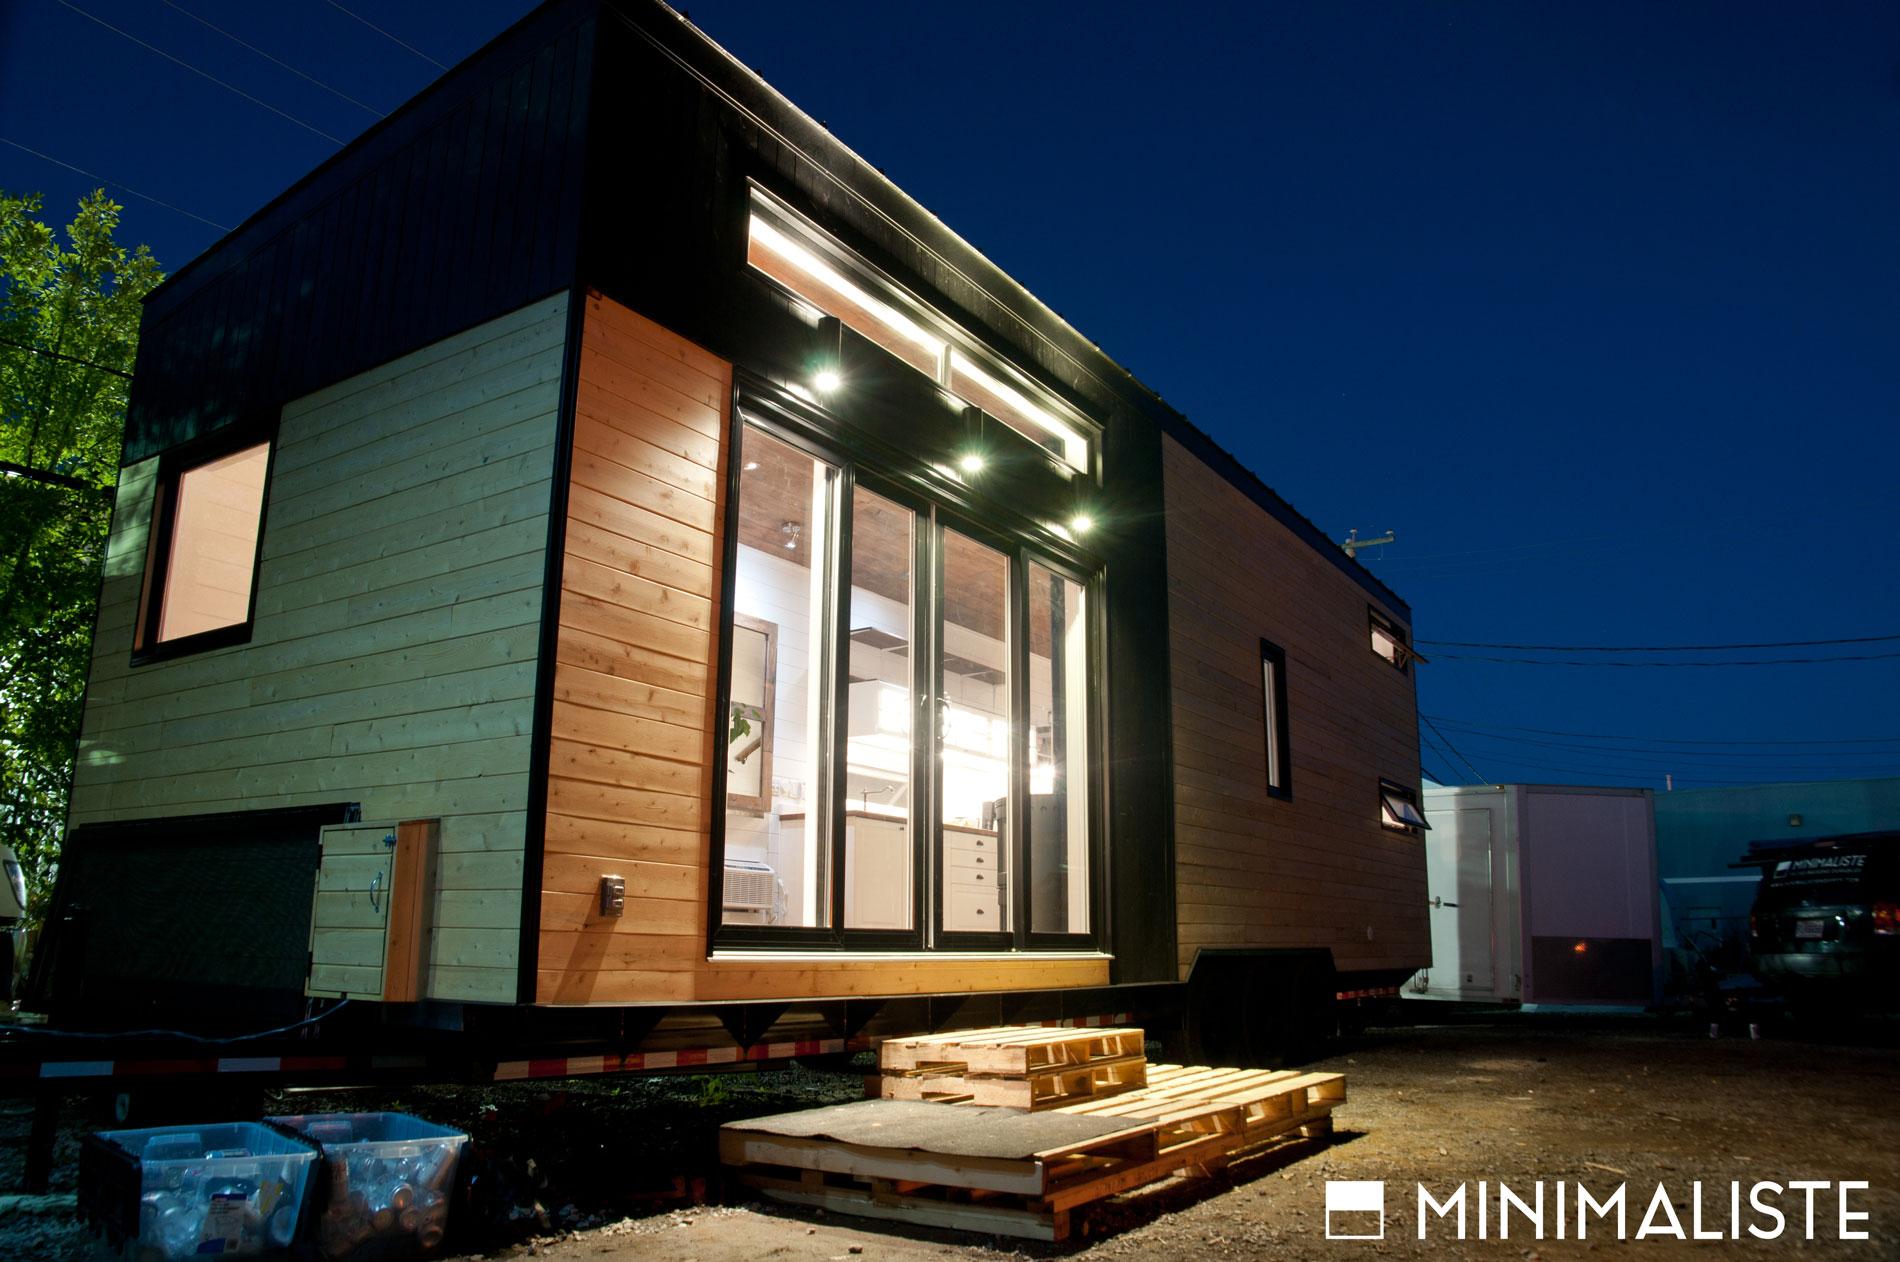 Le ch ne une jolie mini maison sur roues par l for Architecture quebecoise